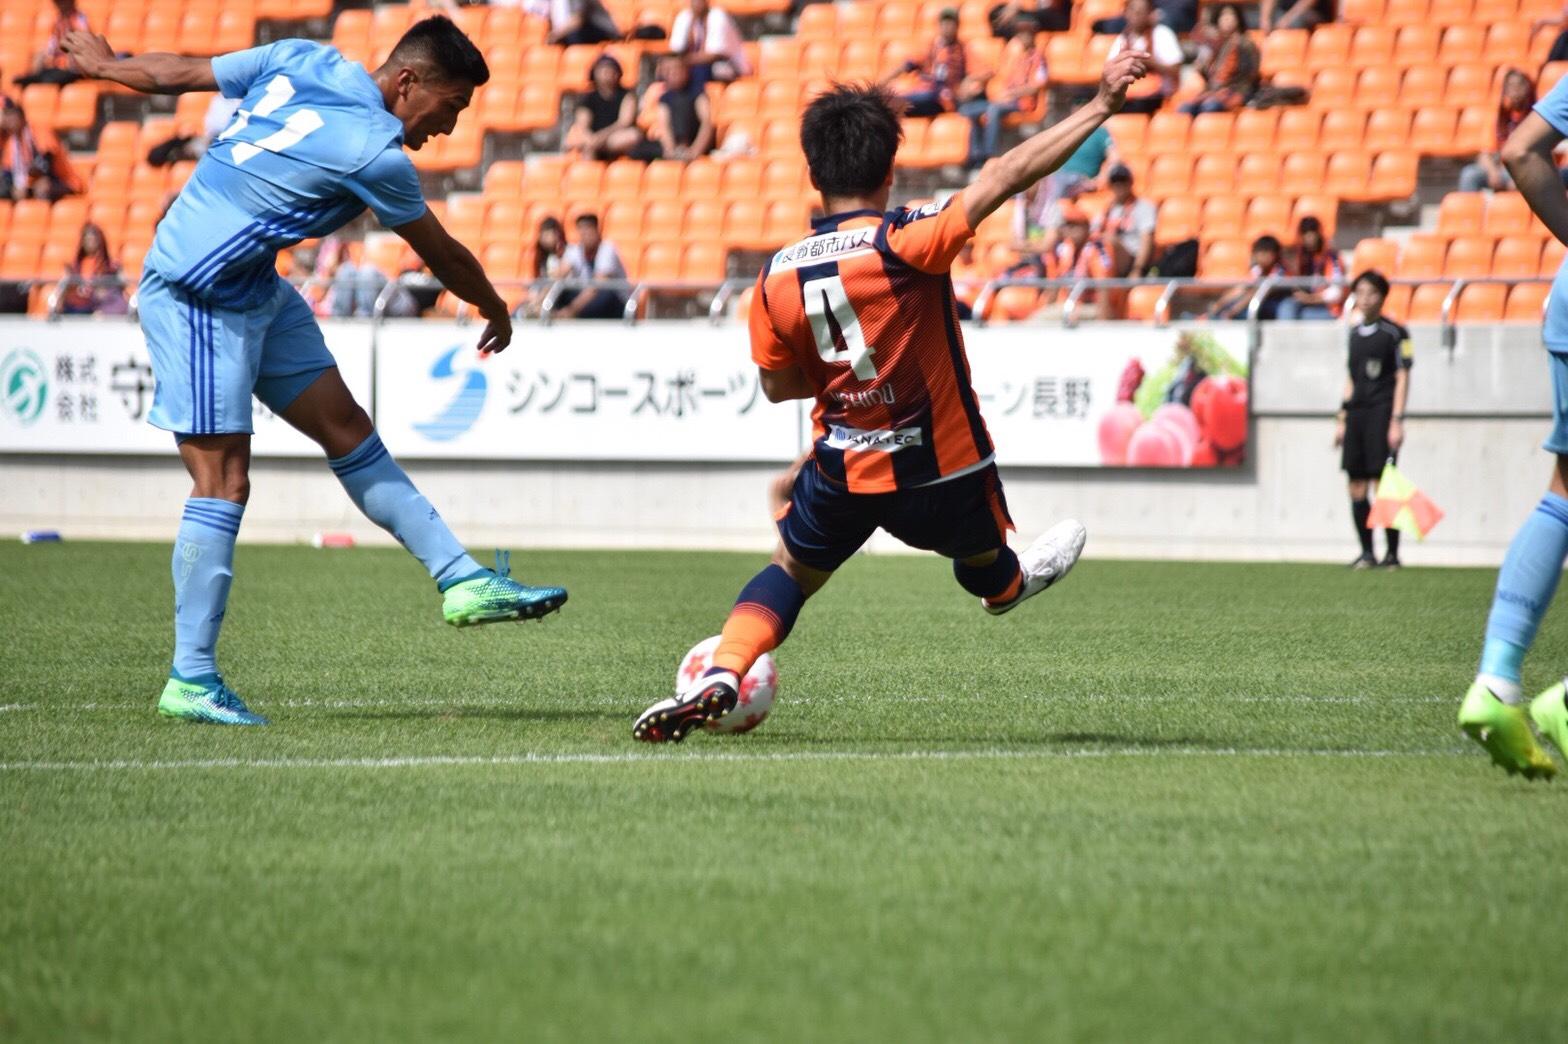 男子サッカー部】天皇杯 JFA 第9...